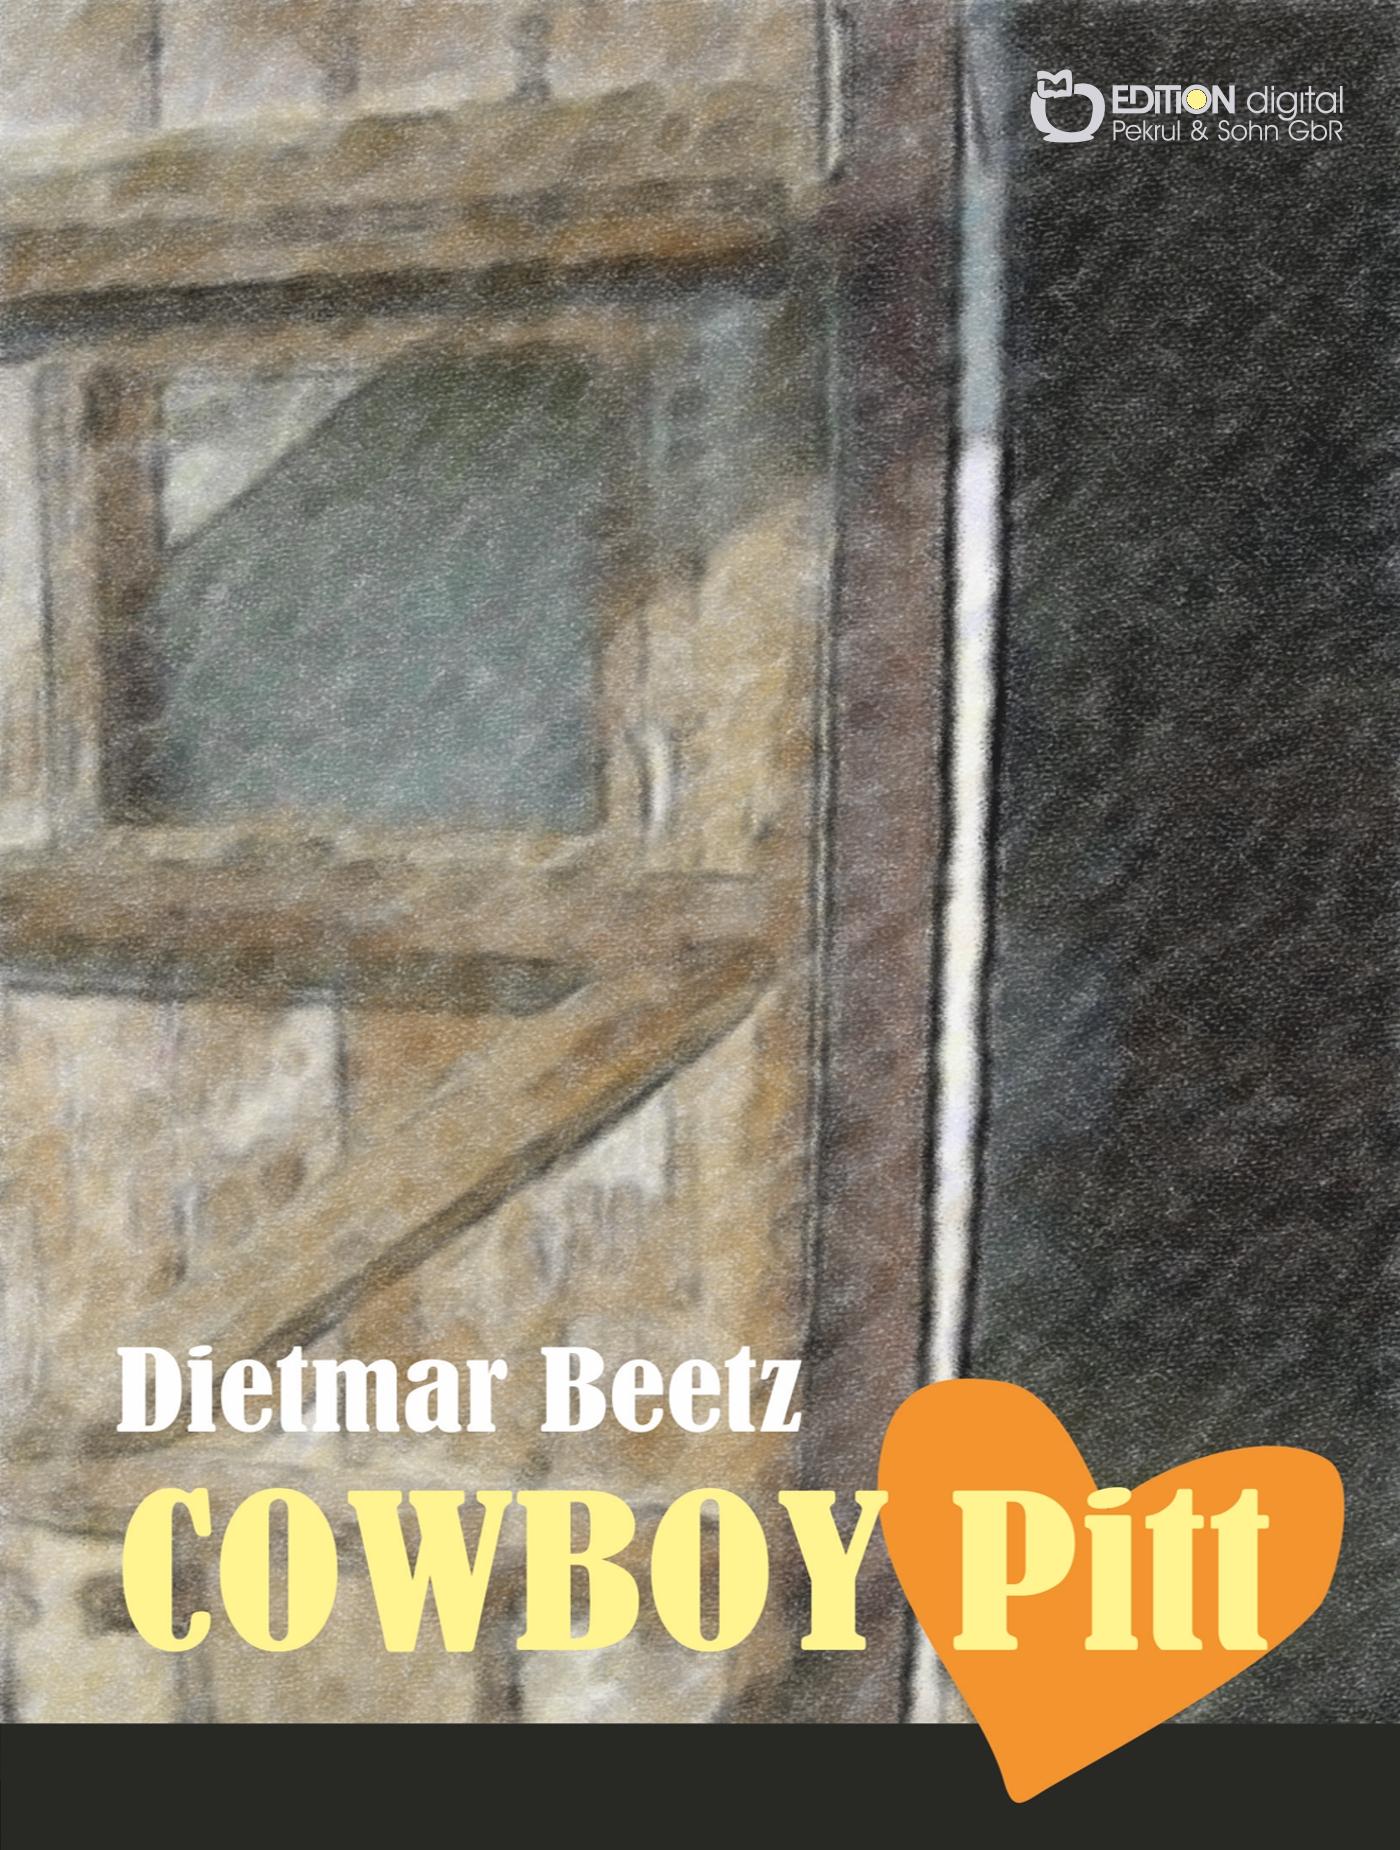 Cowboy Pitt von Dietmar Beetz